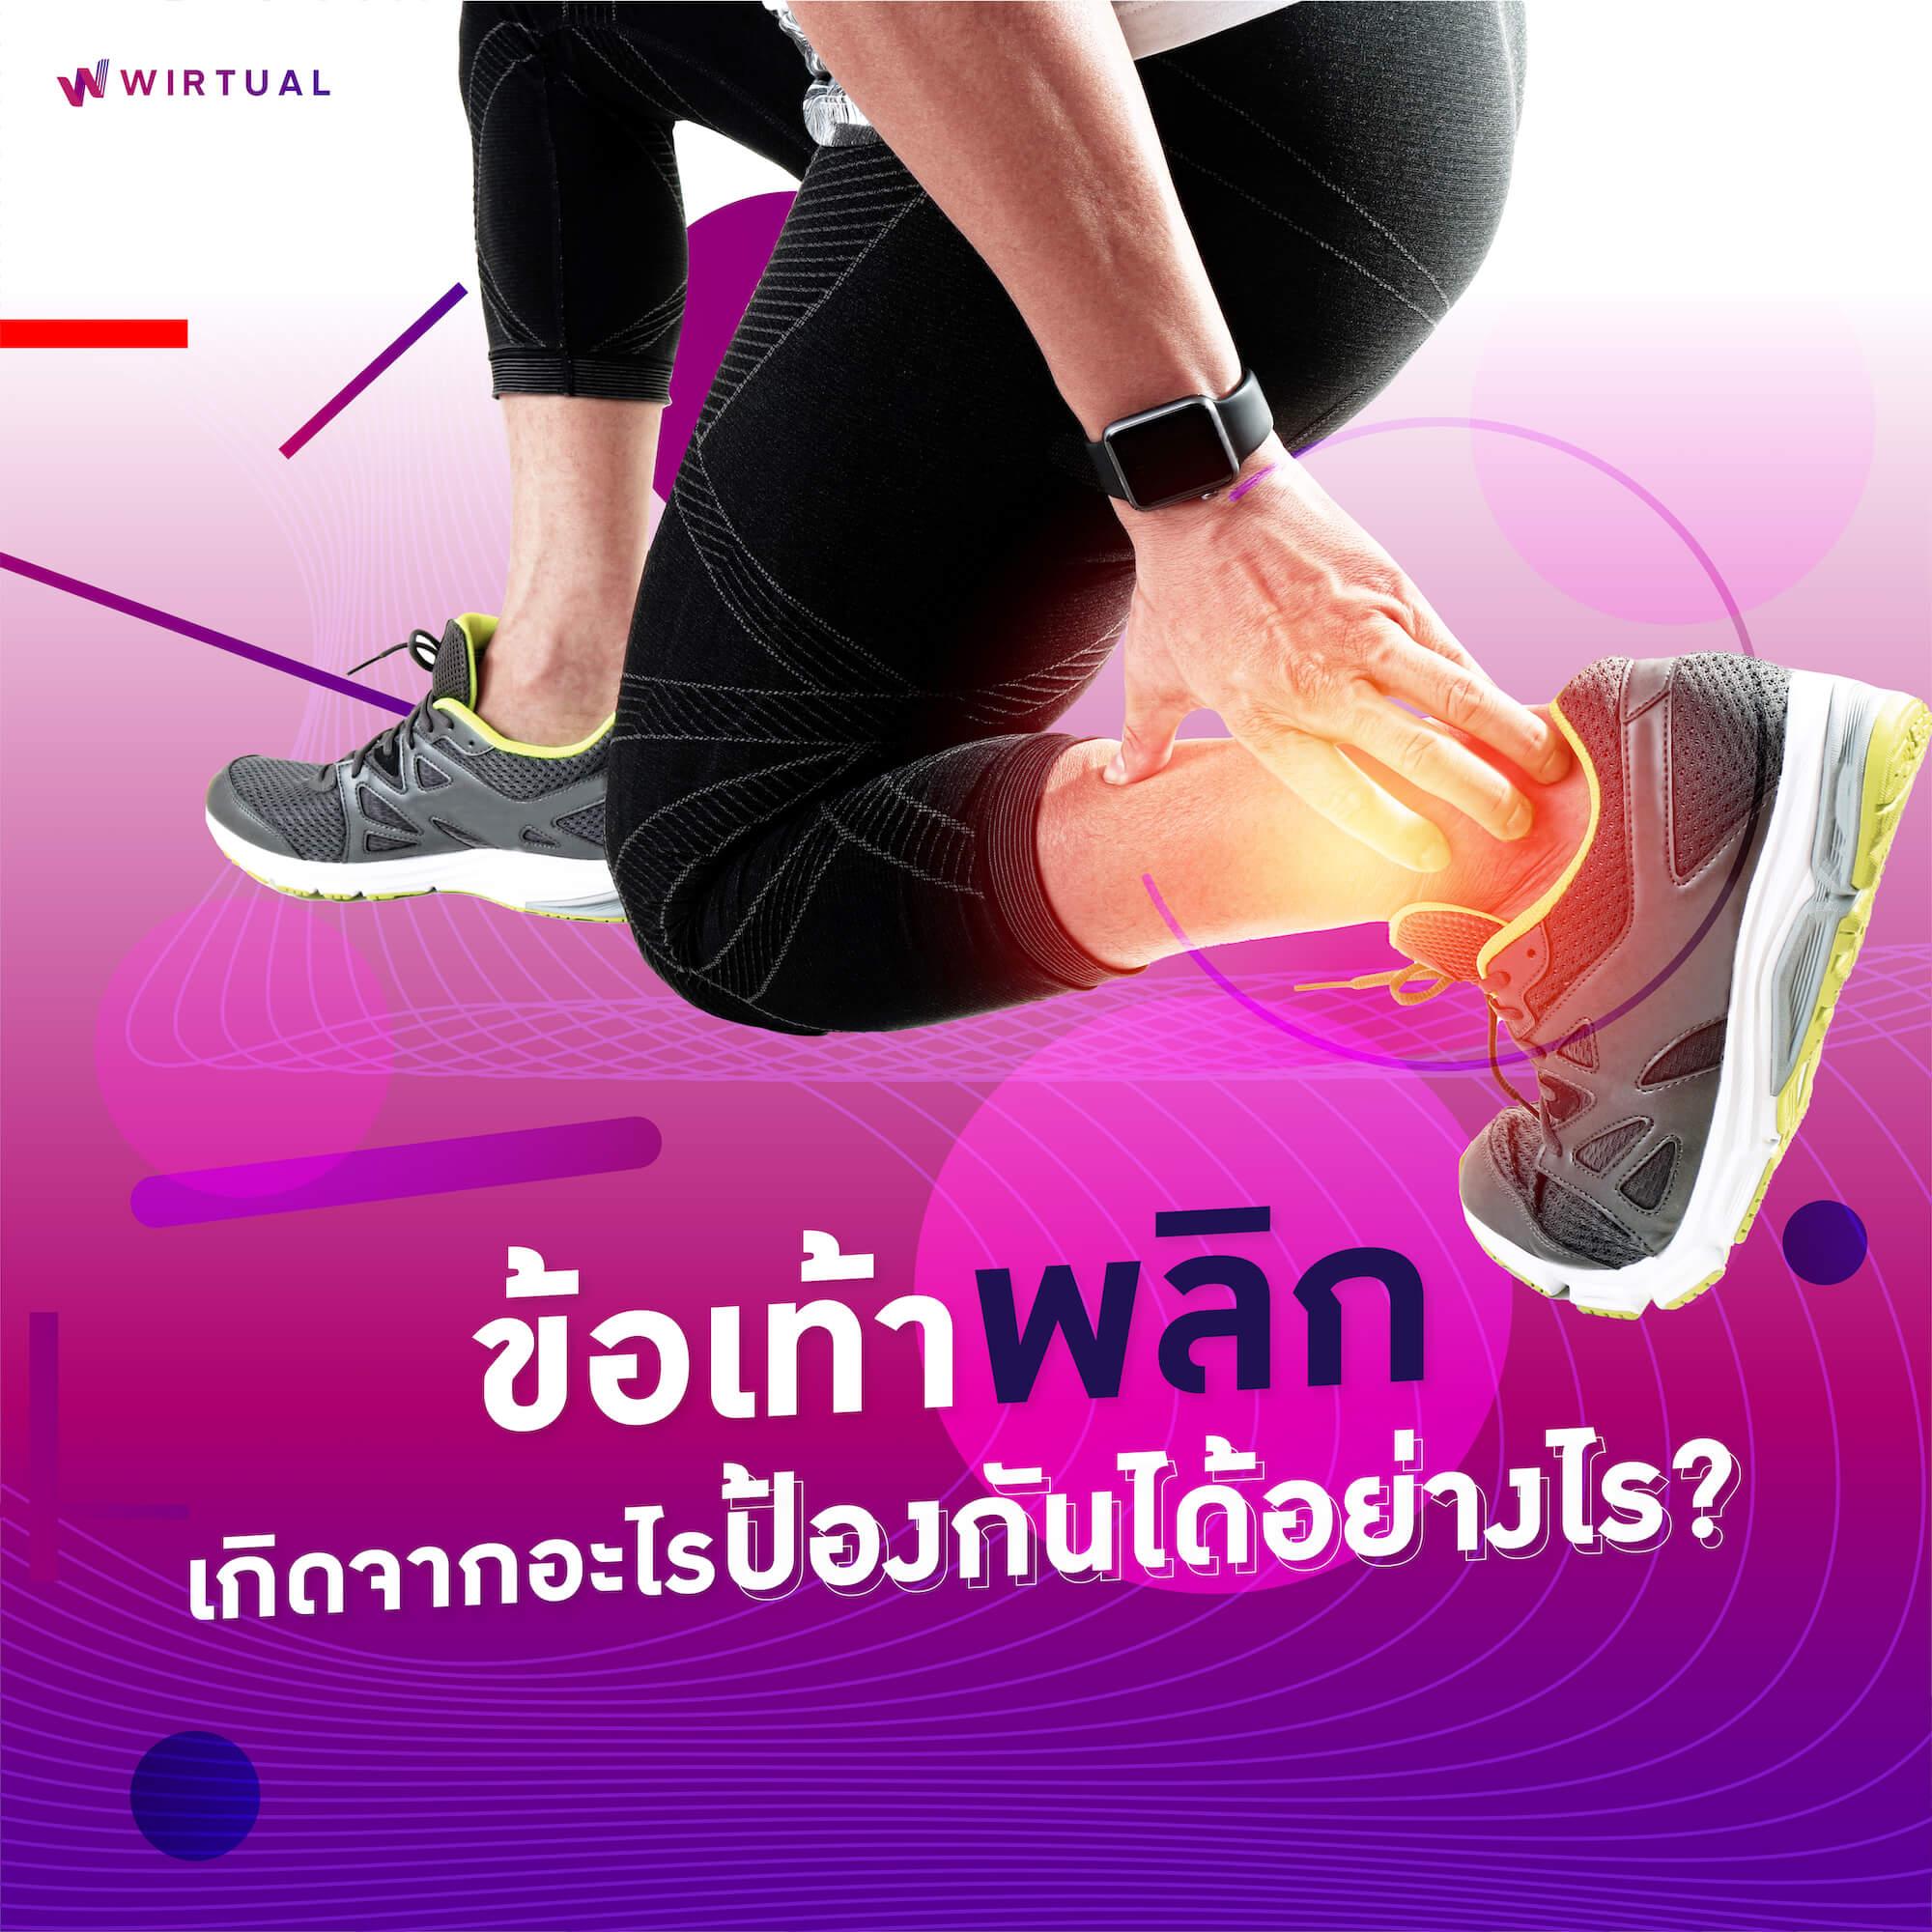 ข้อเท้าพลิกเกิดจากอะไรและวิธีรักษาควรทำอย่างไร?